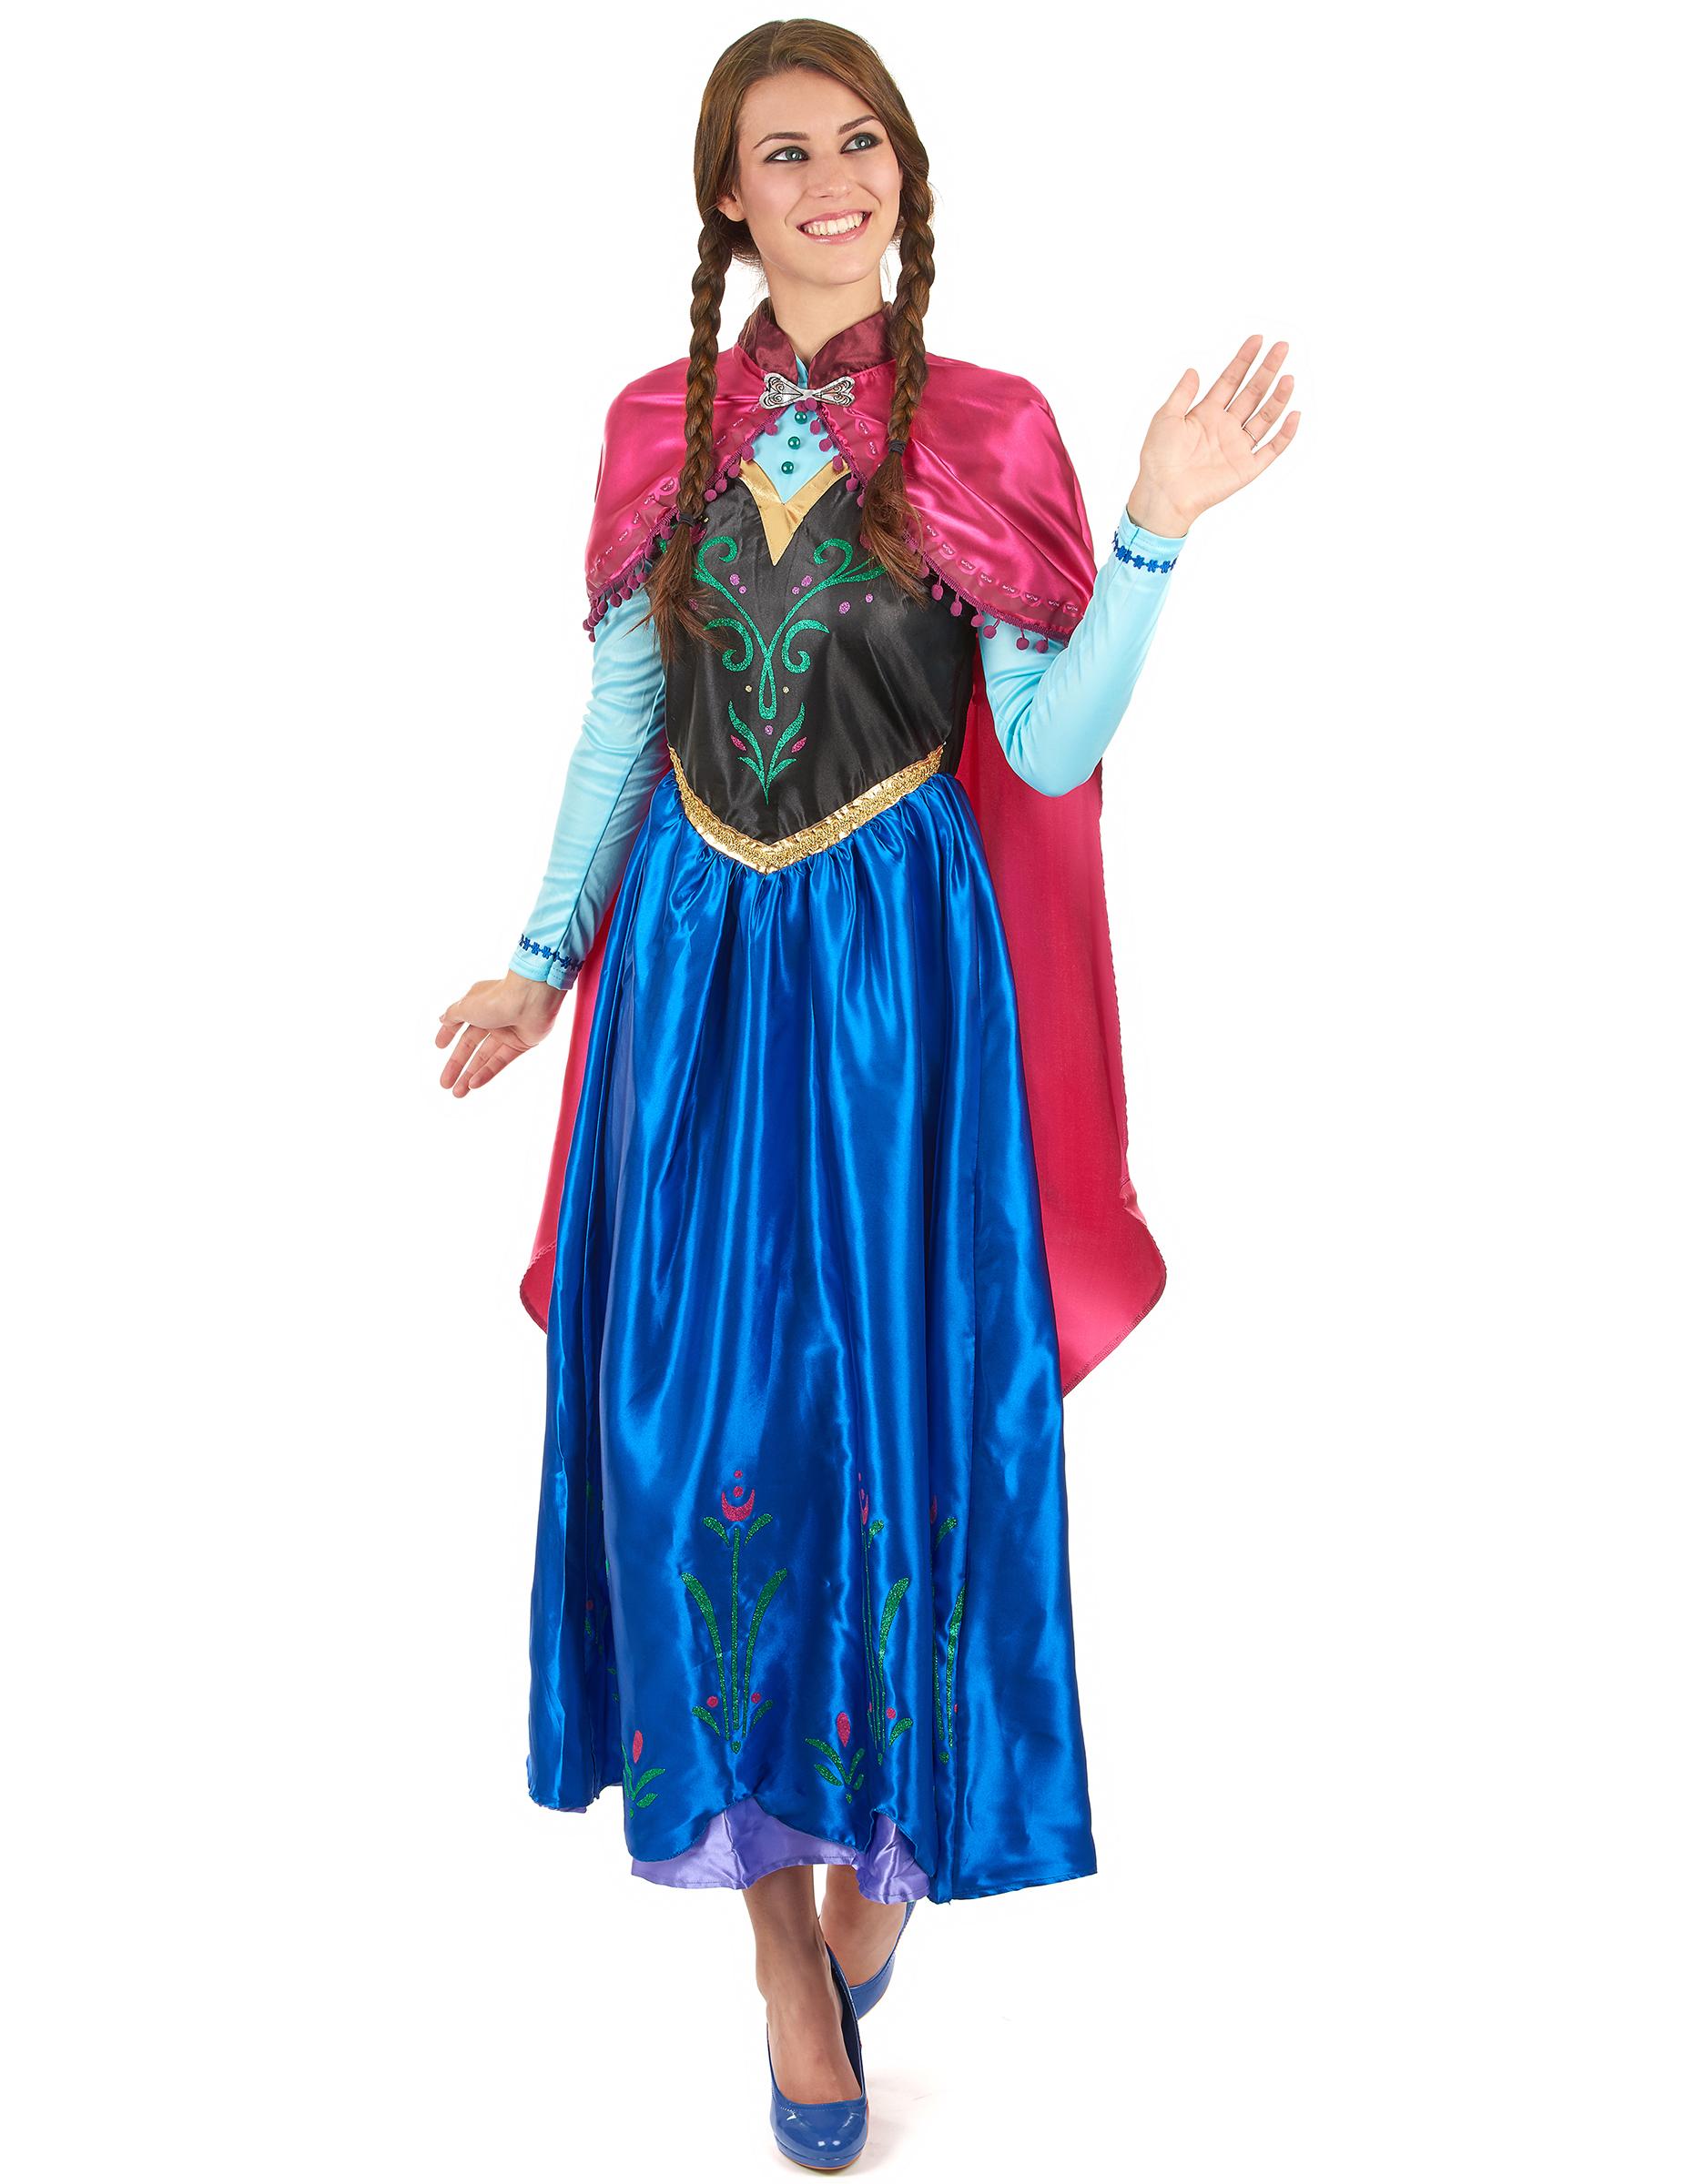 Grossiste Disney, vente en gros de costumes Disney - VegaooPro 0b872017a702